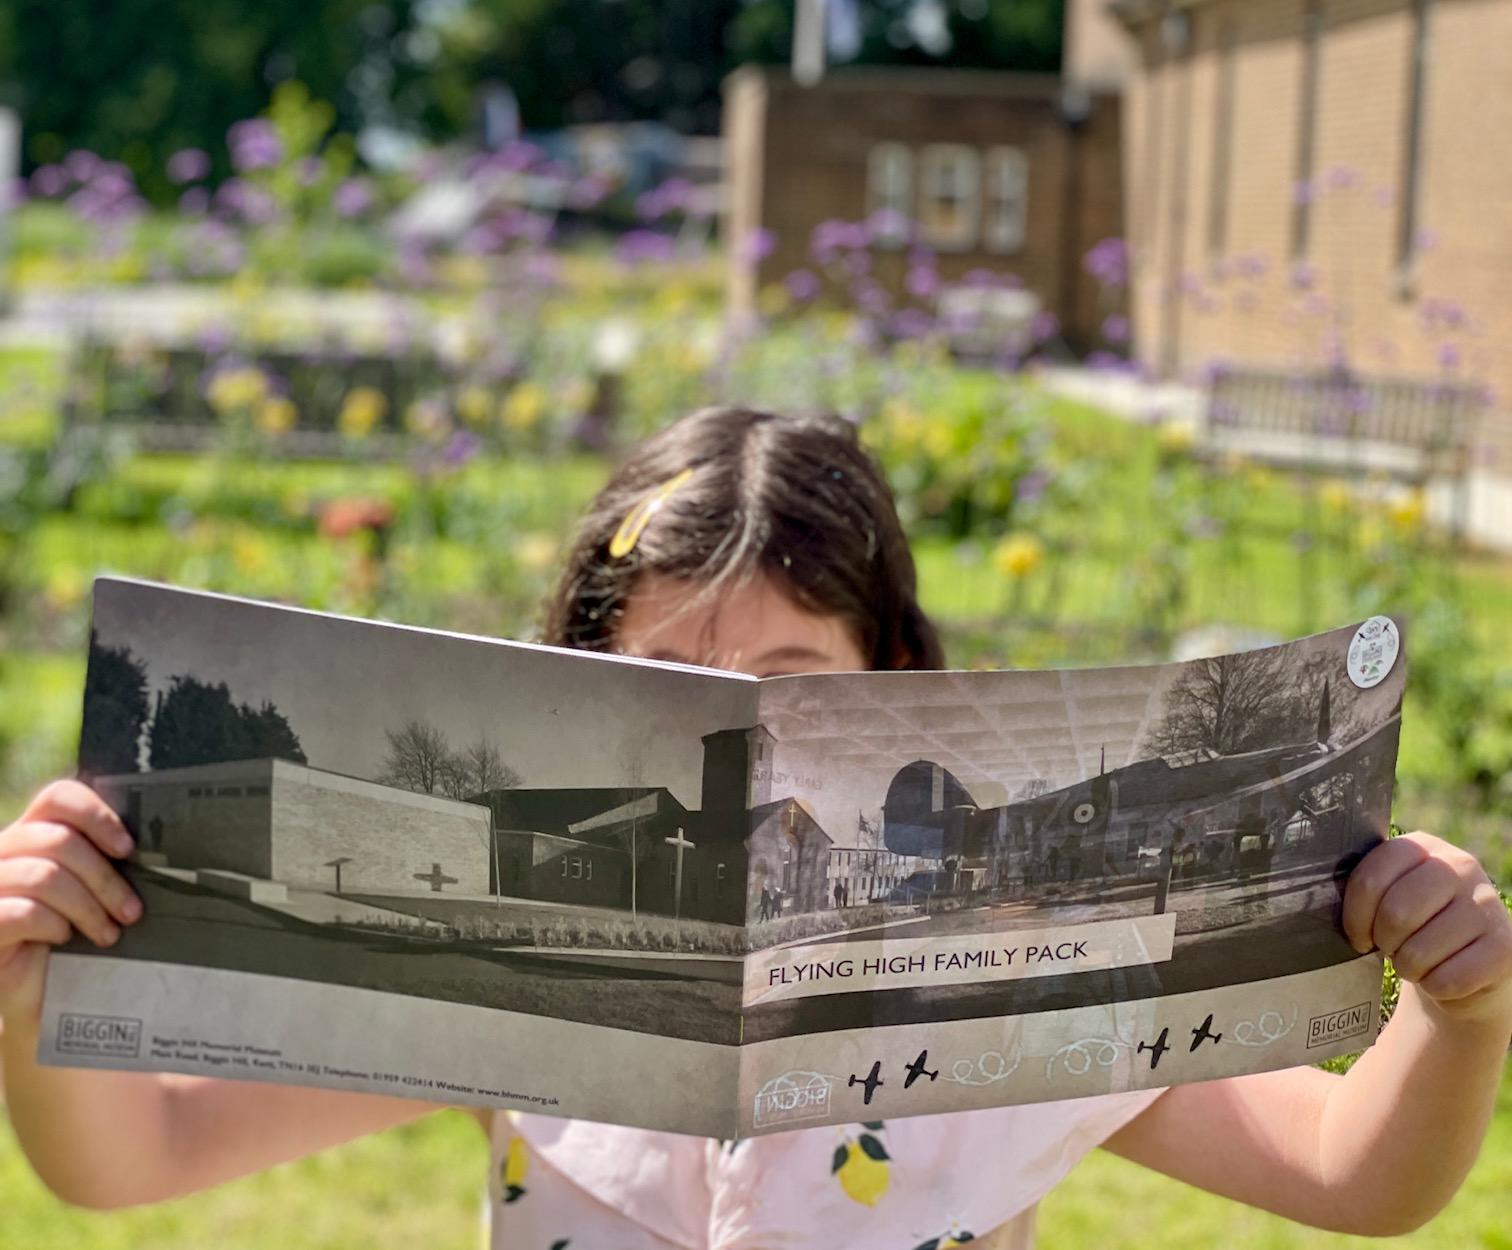 Biggin Hill memorial museum review